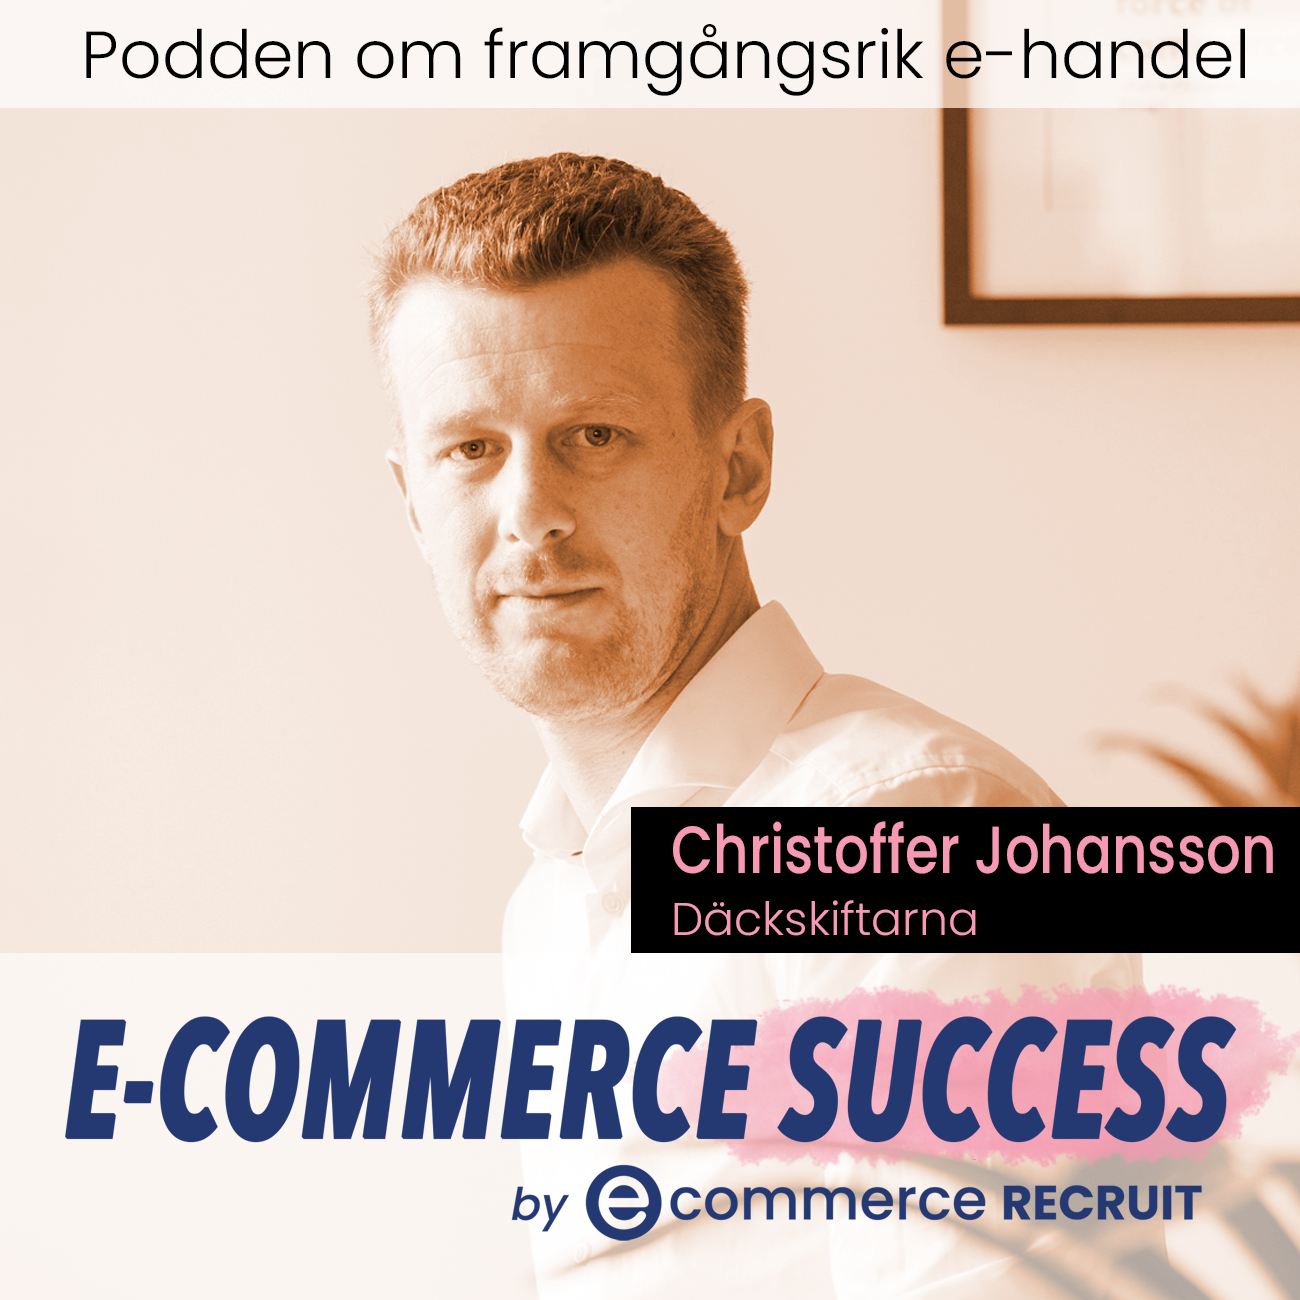 Christoffer Johansson, Digital chef på Däckskiftarna